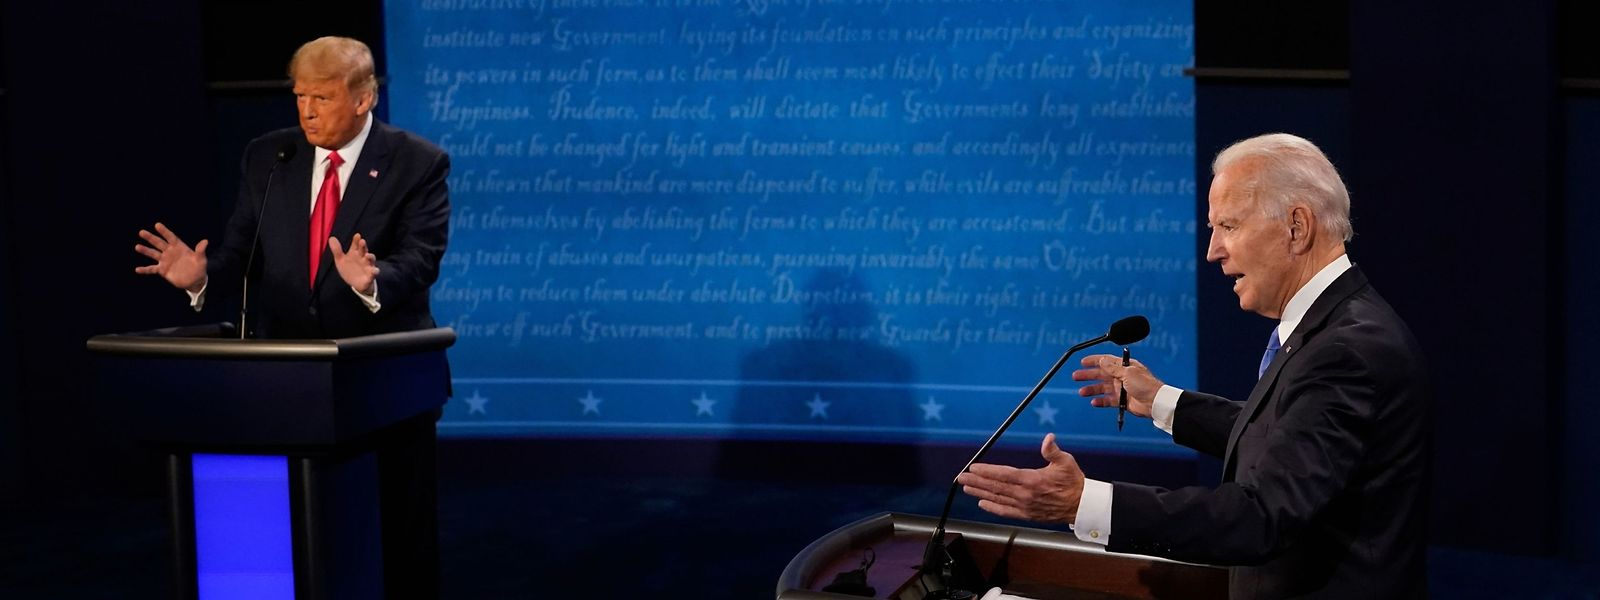 Die beiden Kontrahenten Donald Trump (l.) und Joe Biden hatten sich dieses Mal im Griff - anders als beim letzten Mal.